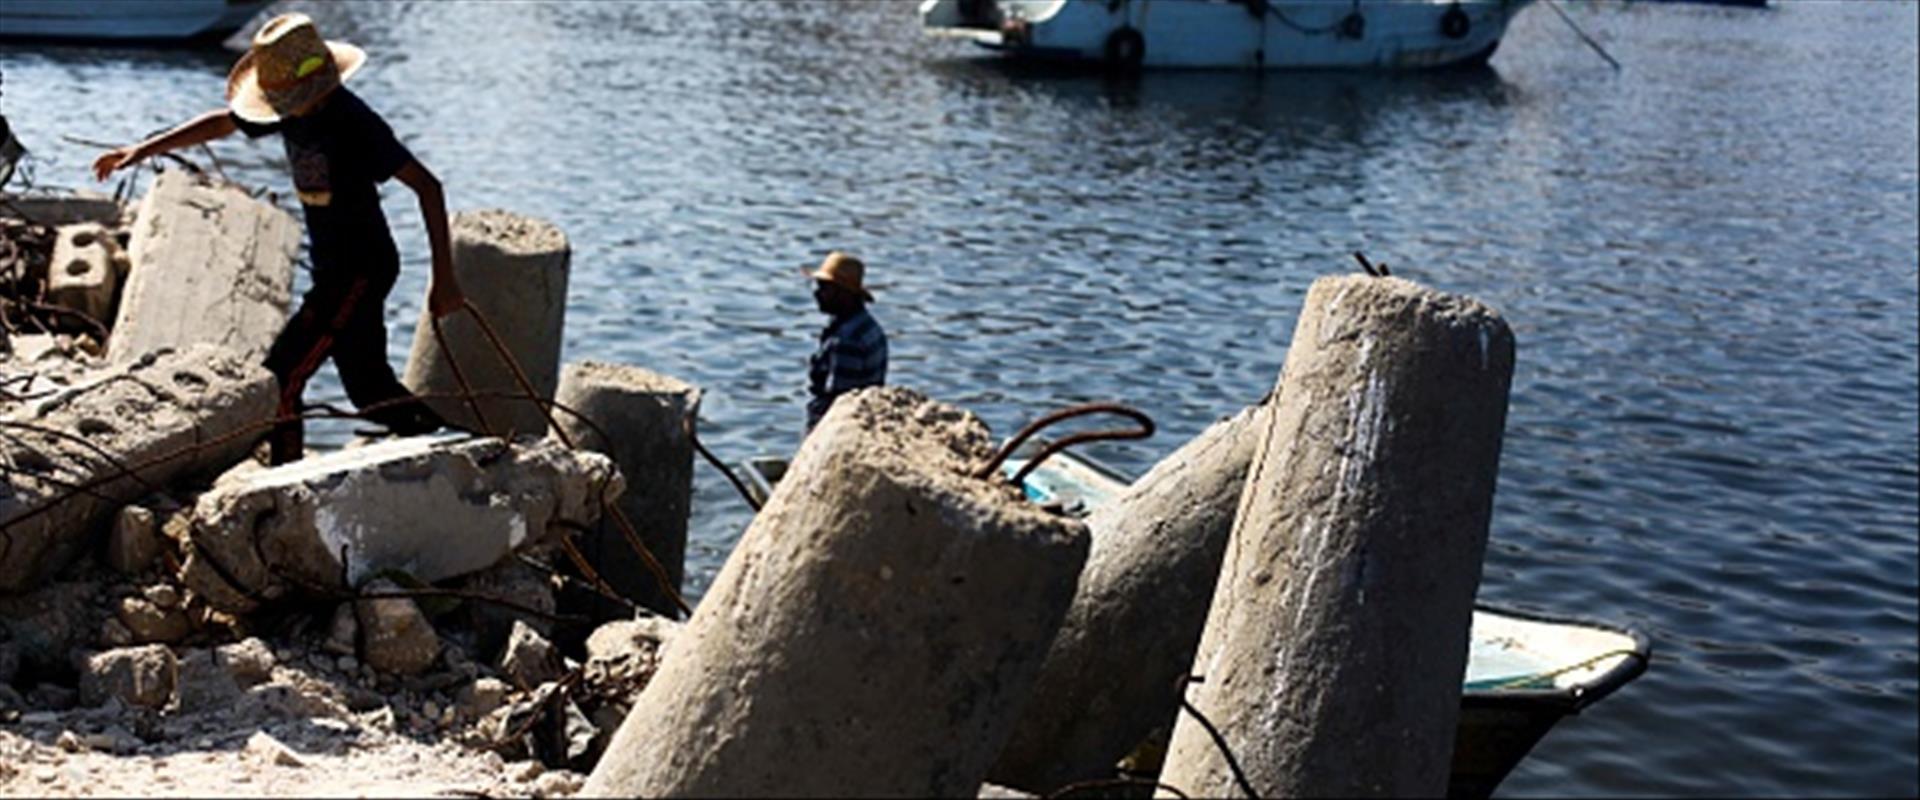 מרחב הדיג בעזה